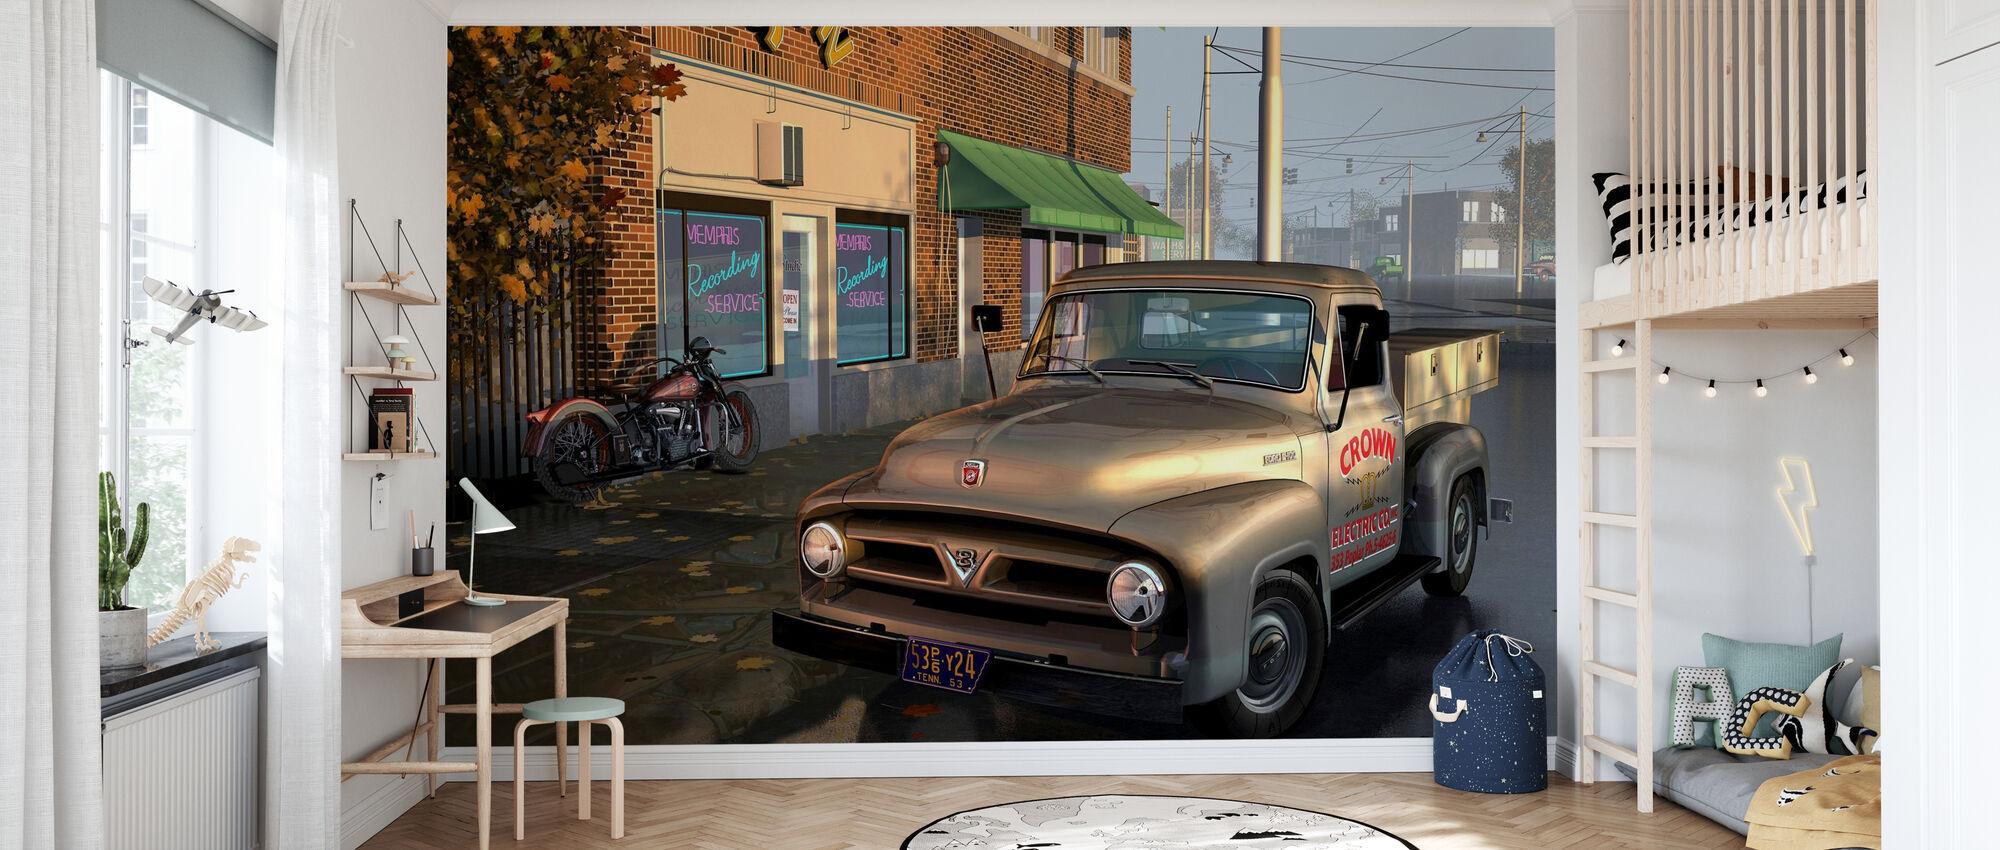 Truck - Wallpaper - Kids Room